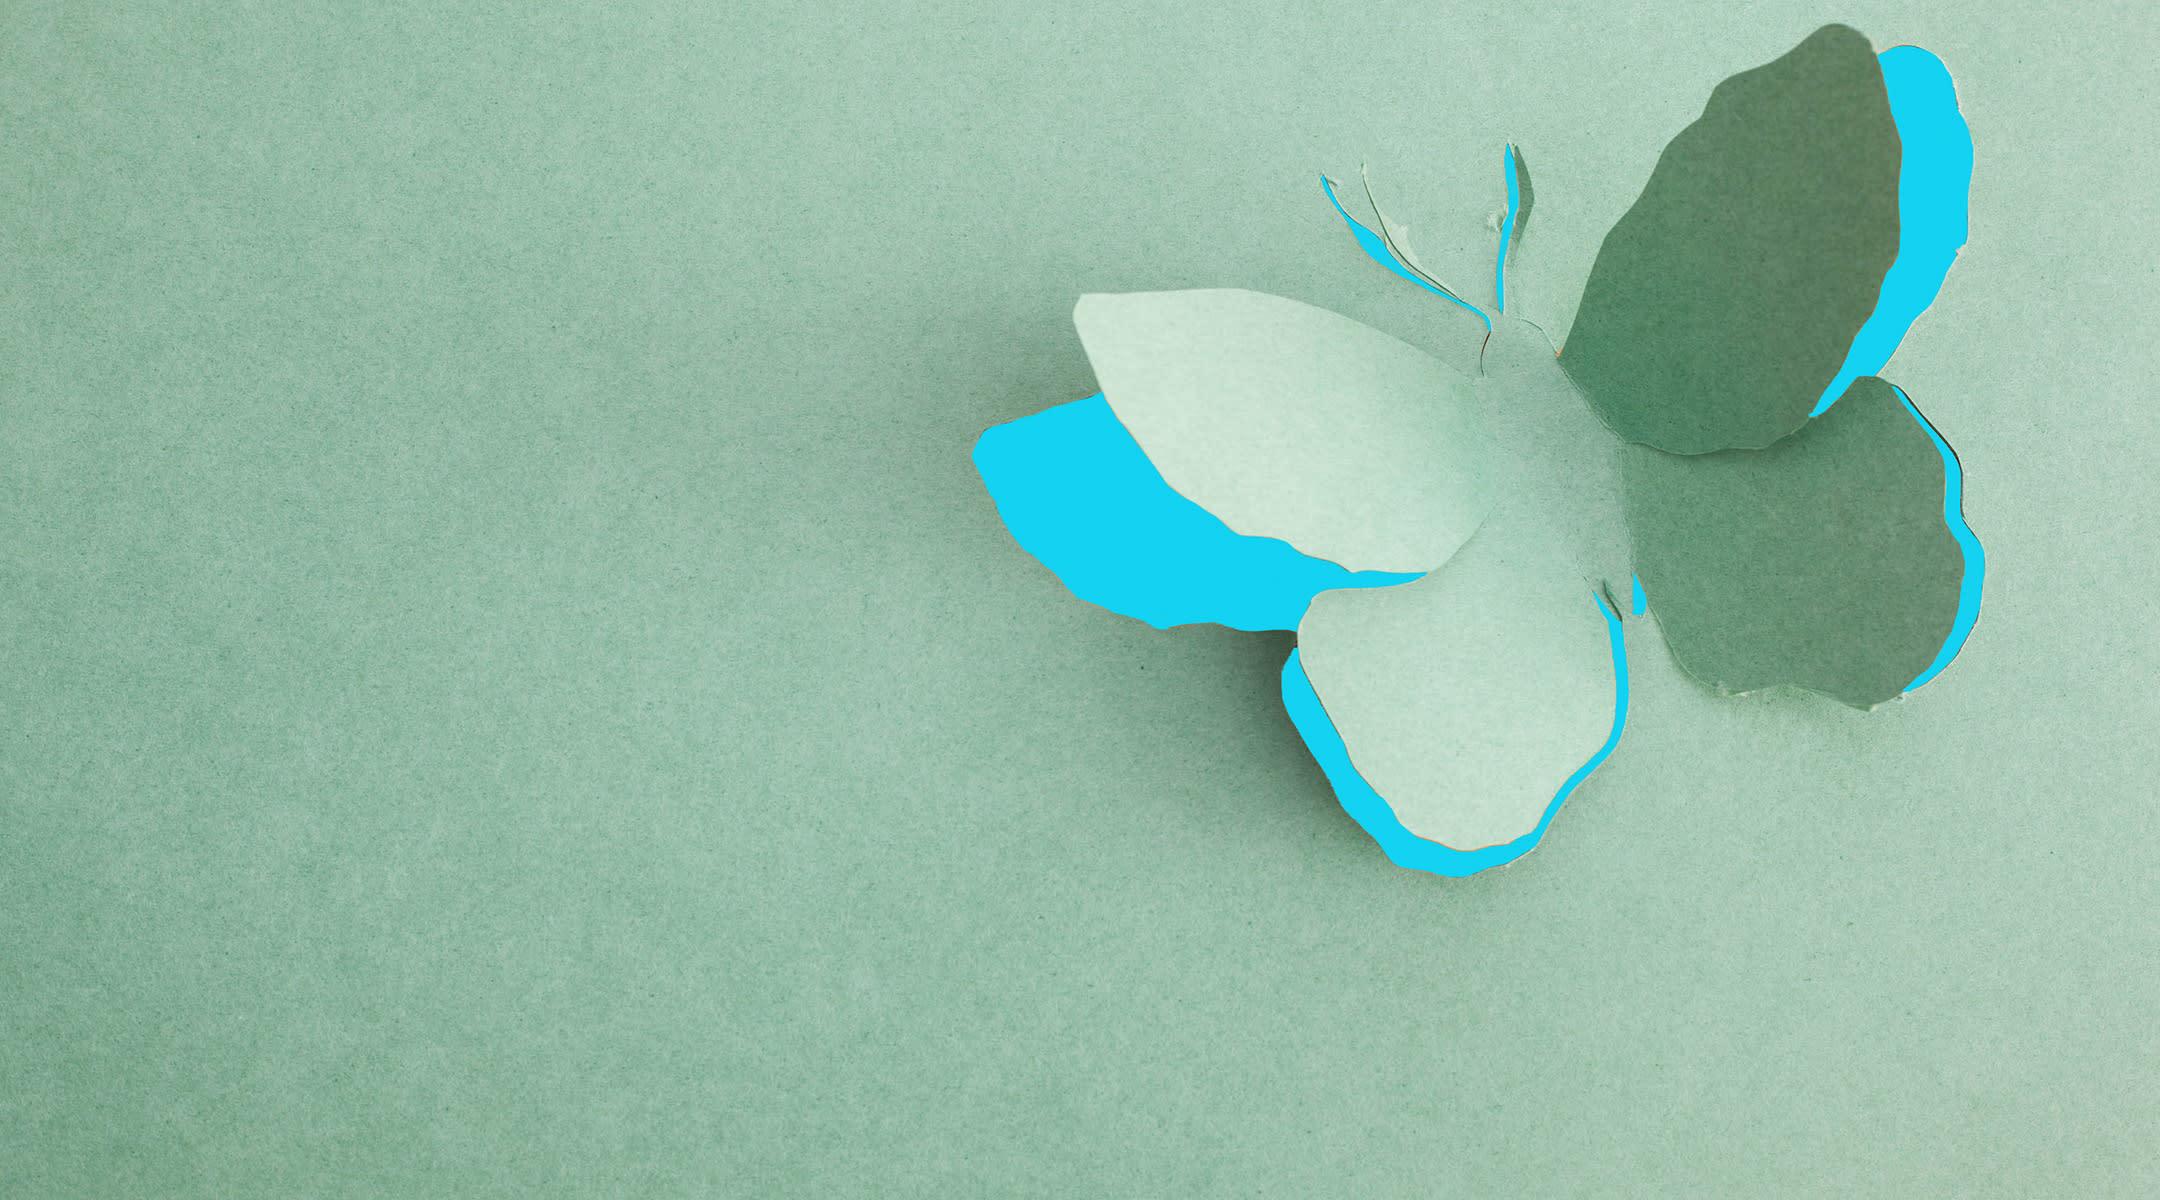 paper butterfly taking flight